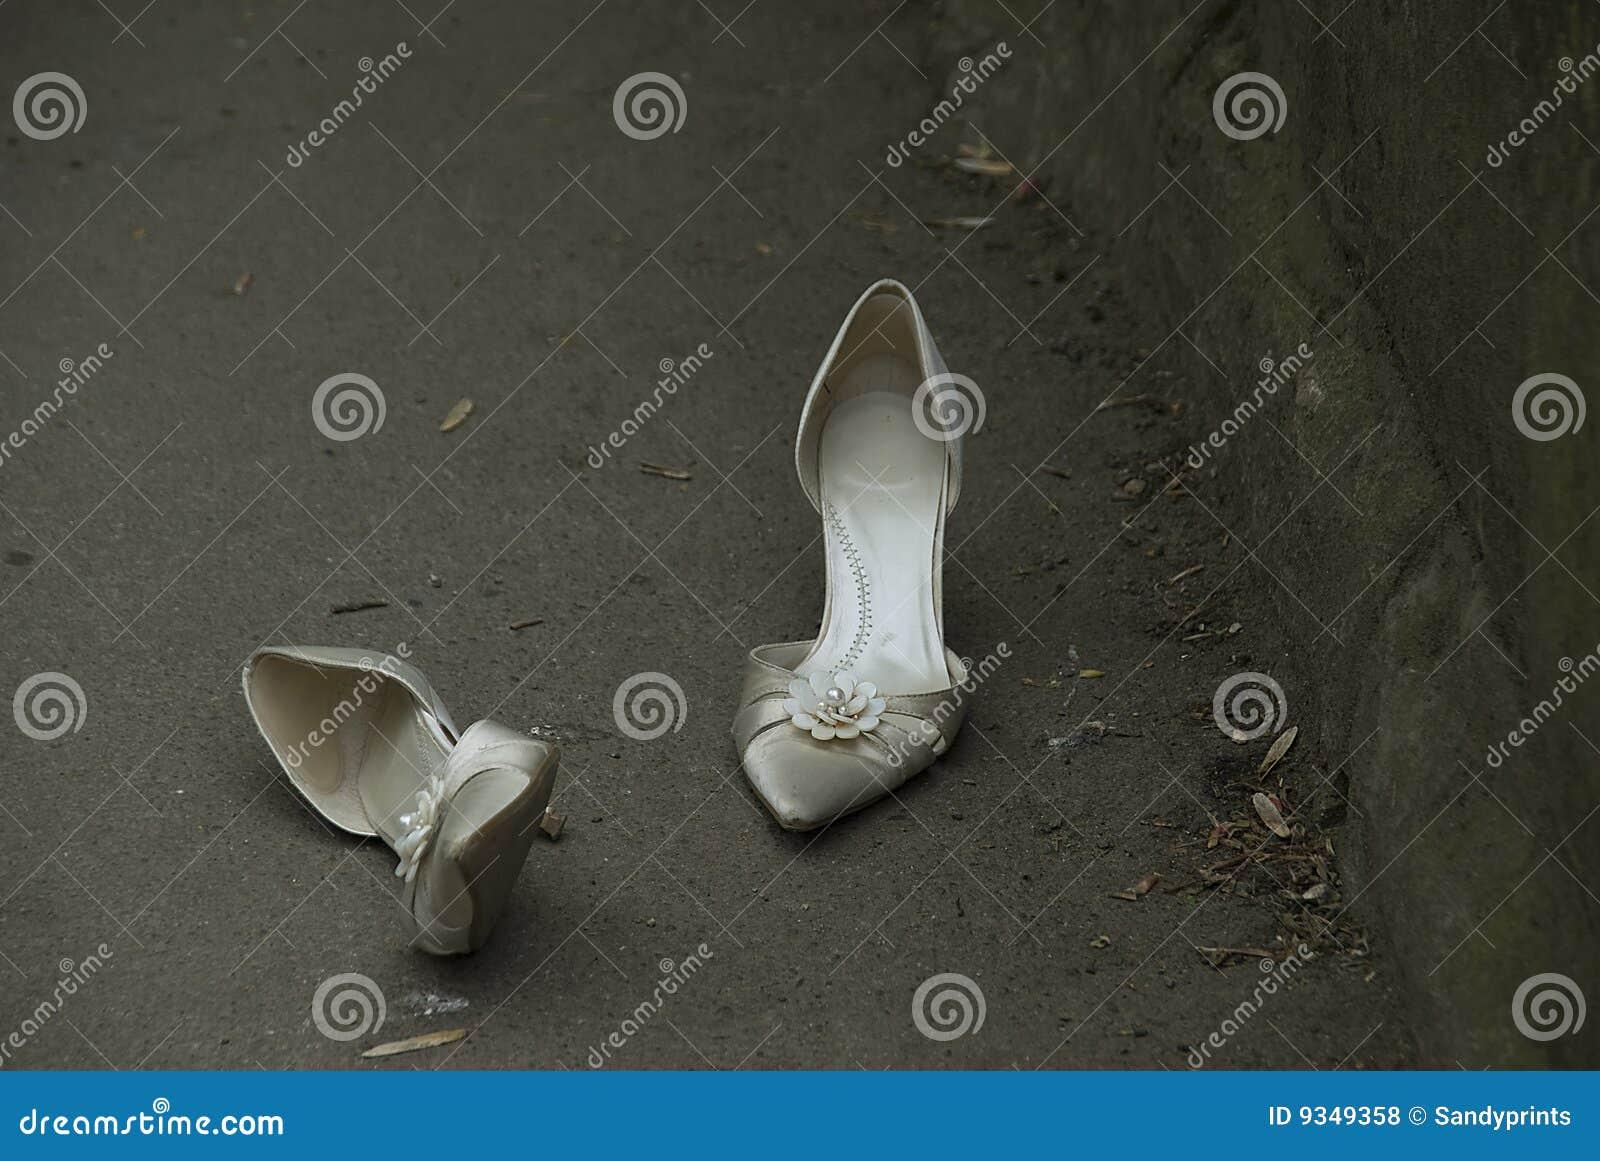 De schoenen van het huwelijk.